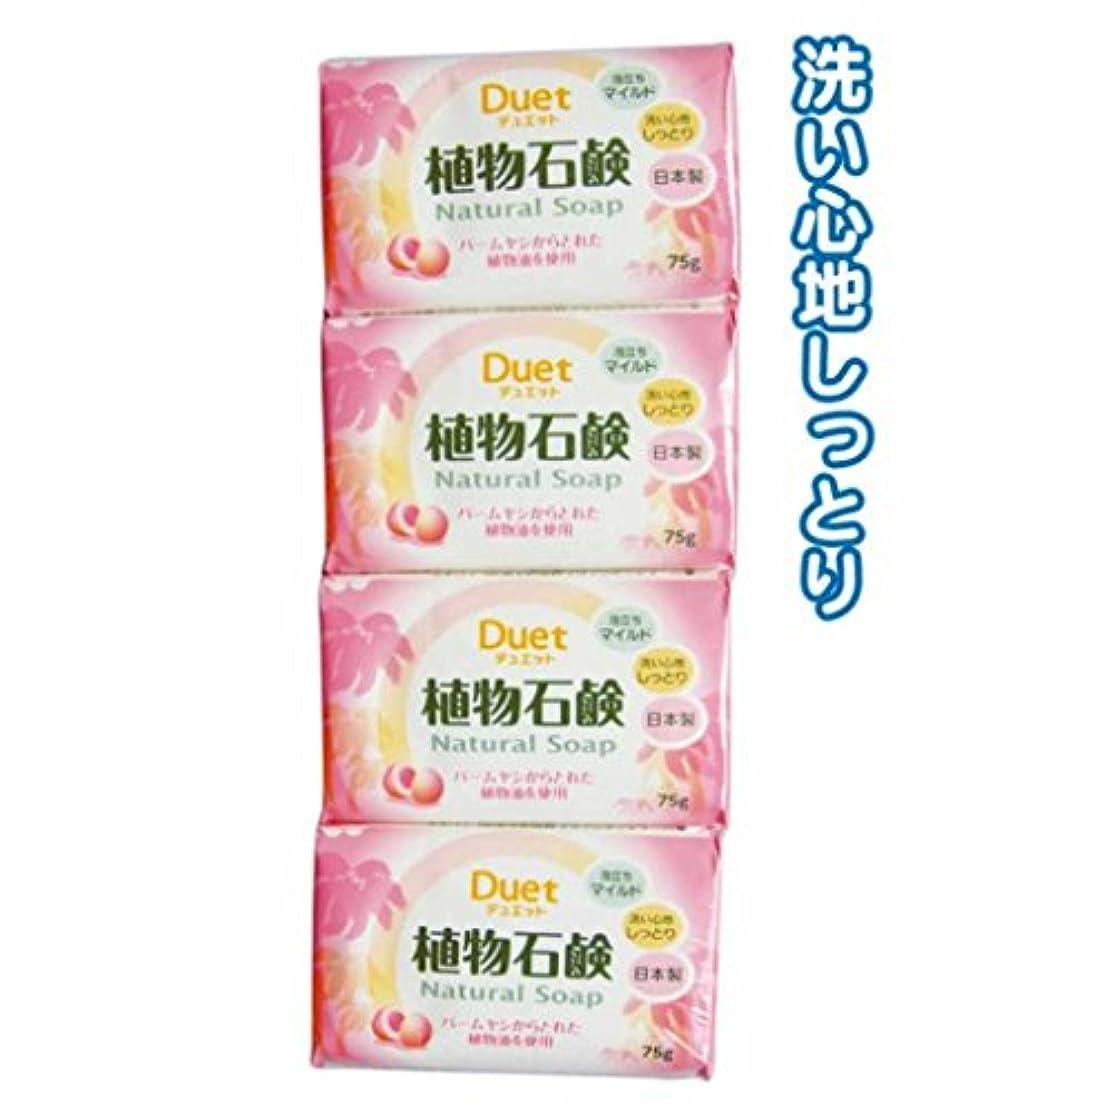 日本製 Japan デュエット植物石鹸75g 【まとめ買い4個入り×240パック 合計960個セット】 46-202